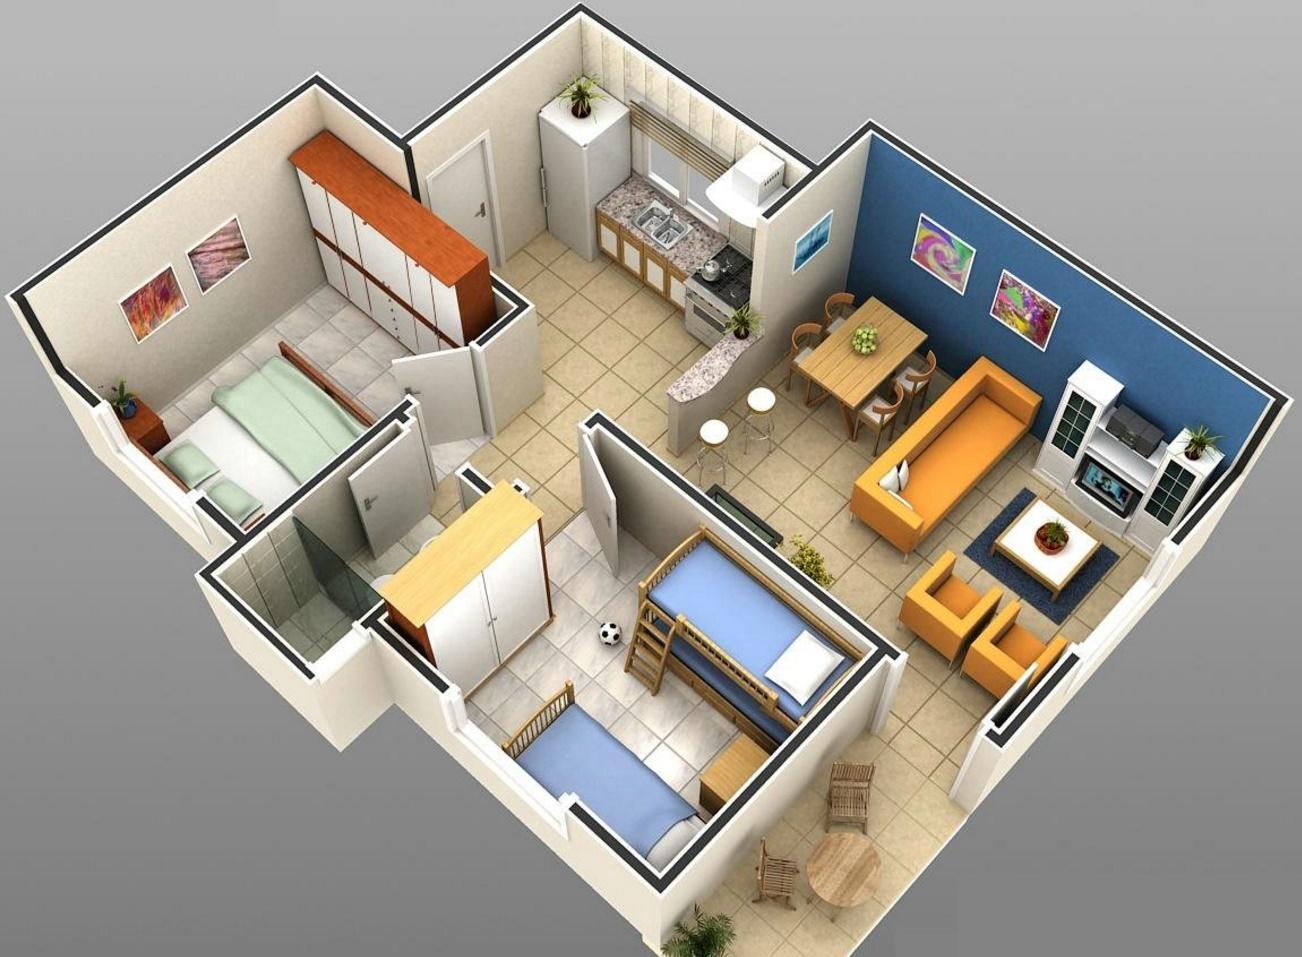 Planos de casa modernas for Planos casas pequenas modernas